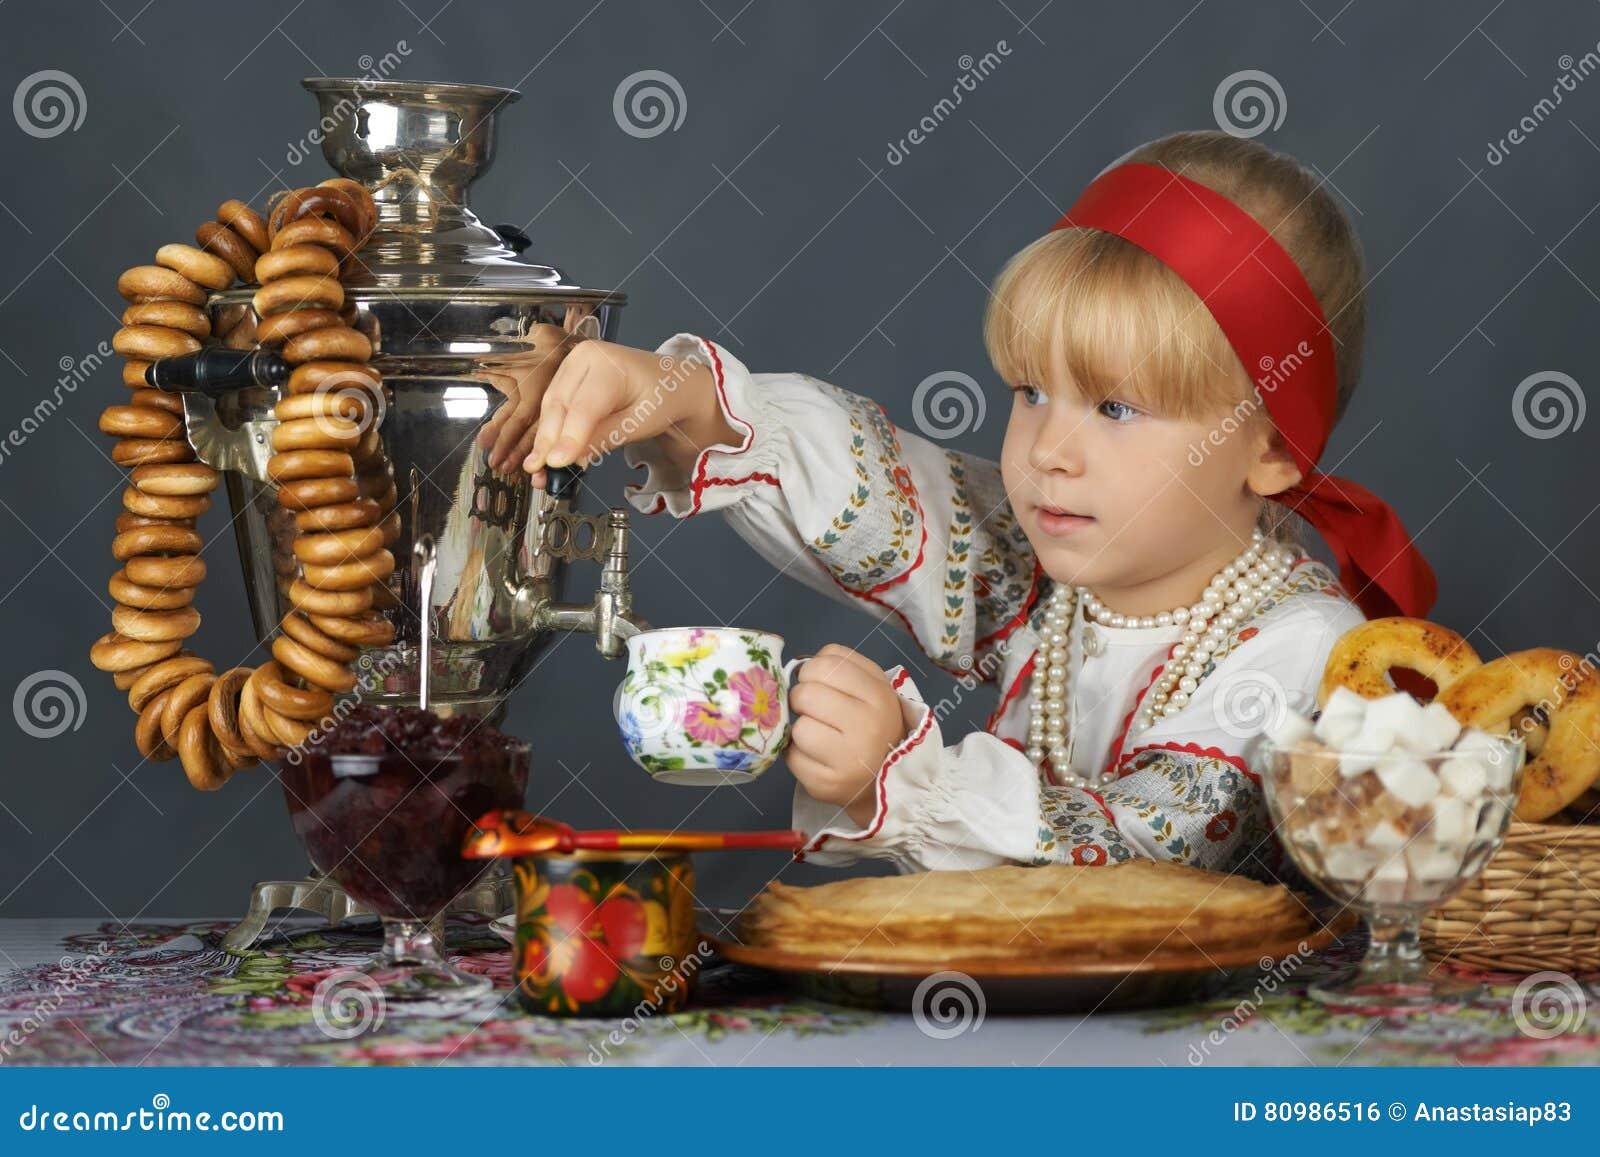 Τσάι κατανάλωσης μικρών κοριτσιών παραδοσιακούς ρωσικούς στο sarafan και το πουκάμισο